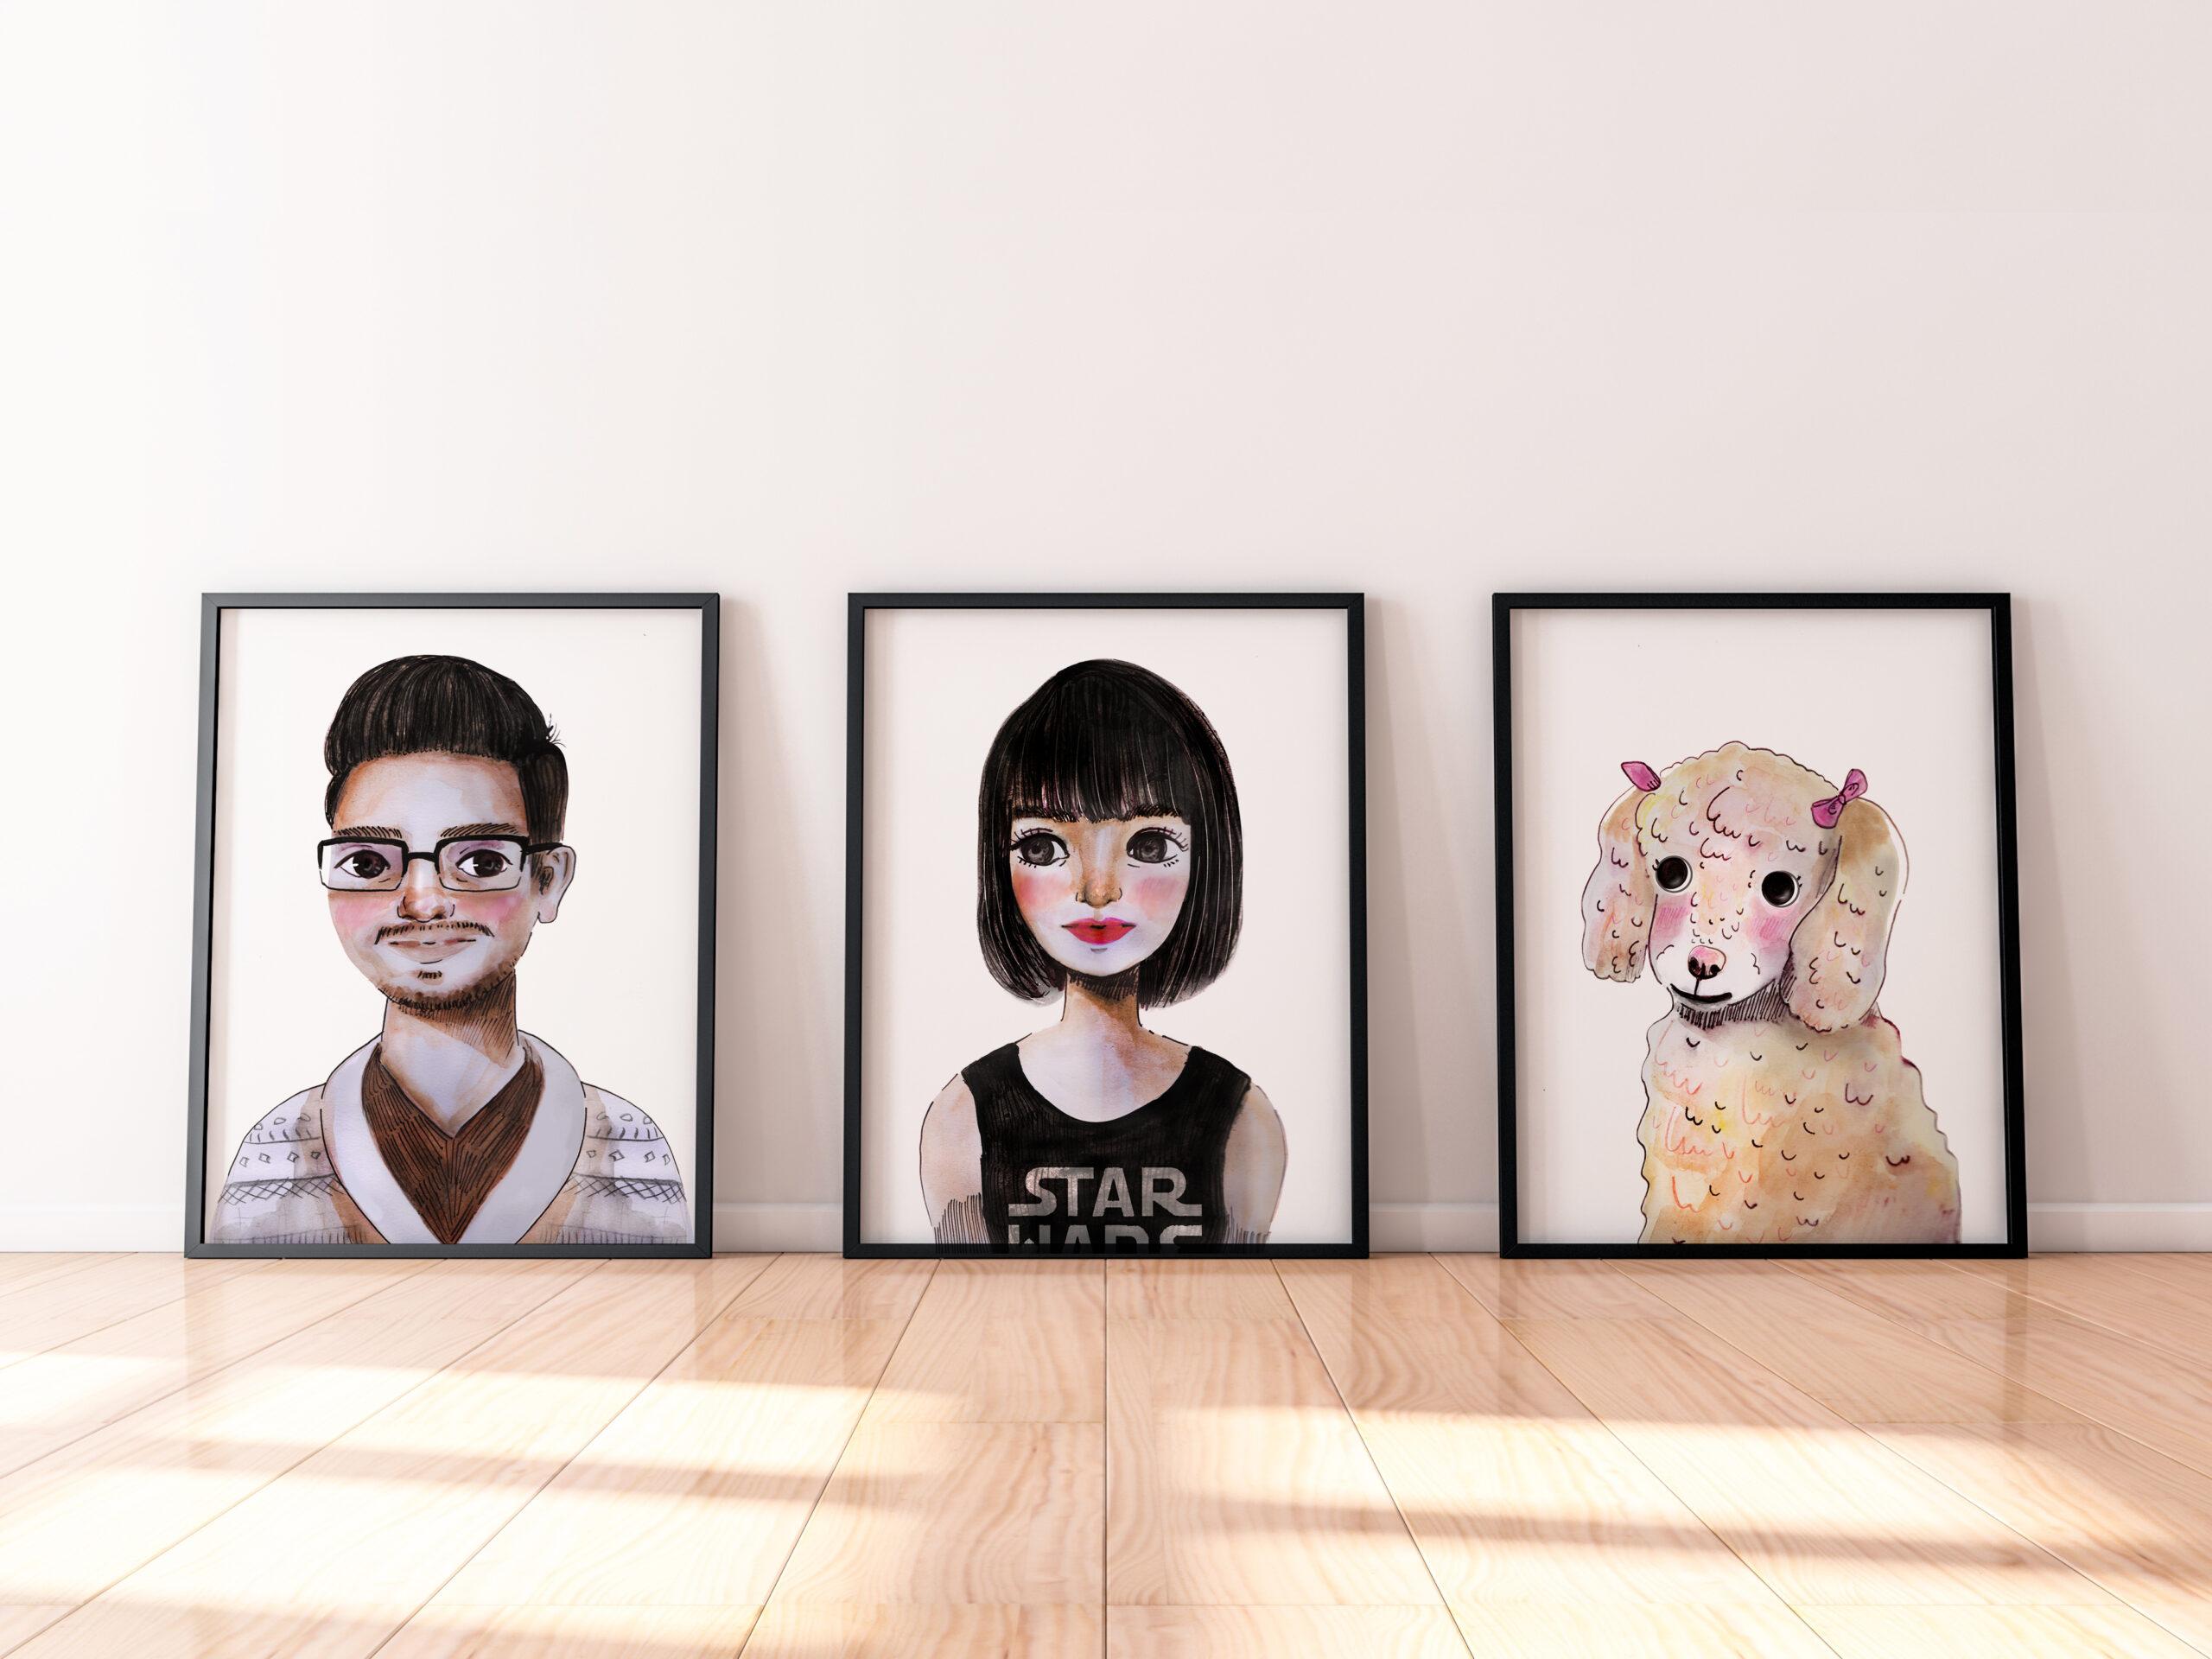 Piso y pared tres cuadros con retrato de un chico una chica y una puddle ilustracion acuarela